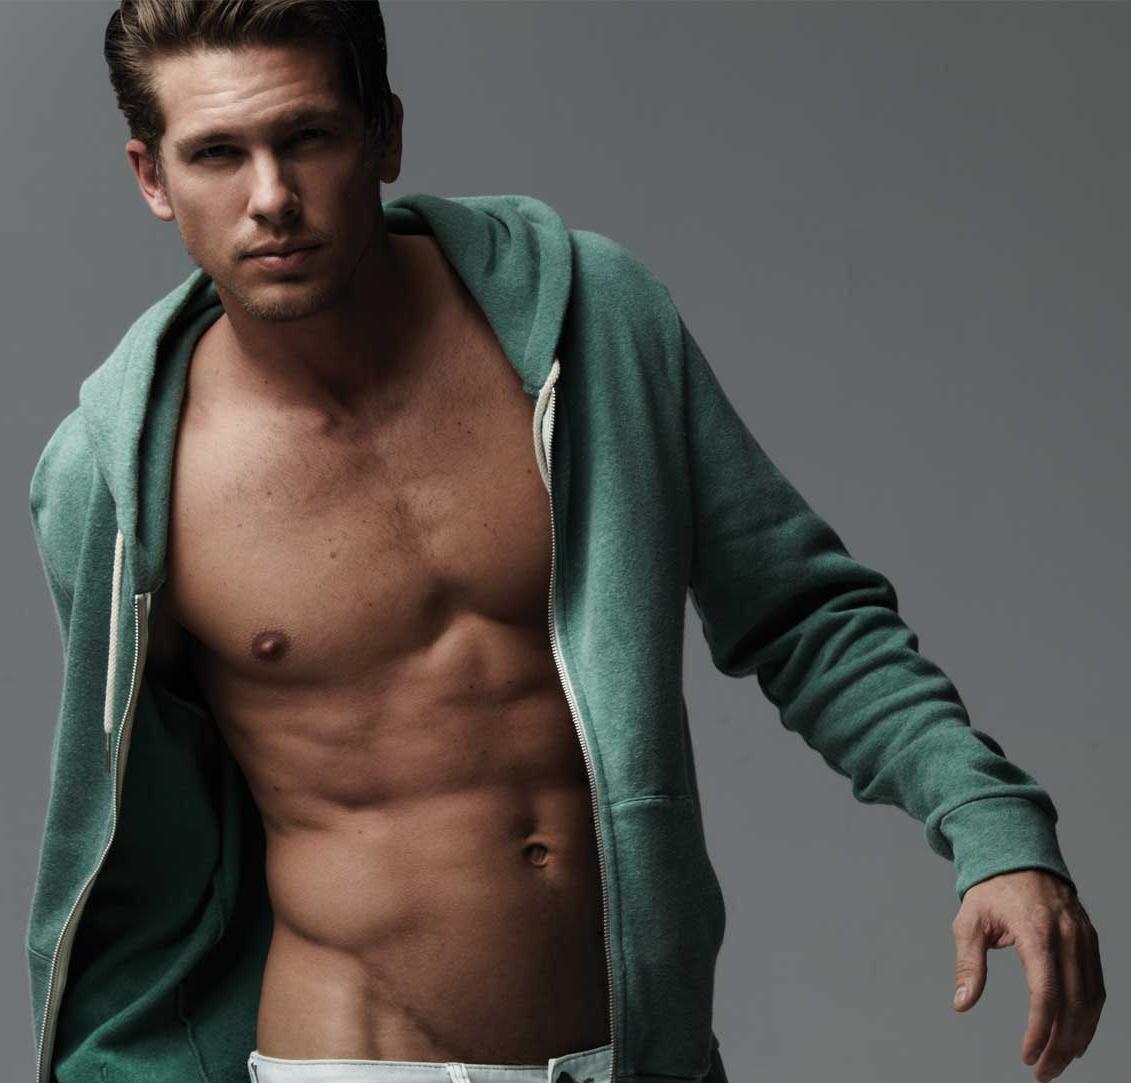 Fotos De Hombres Modelos Sin Ropa Interior Ropa y